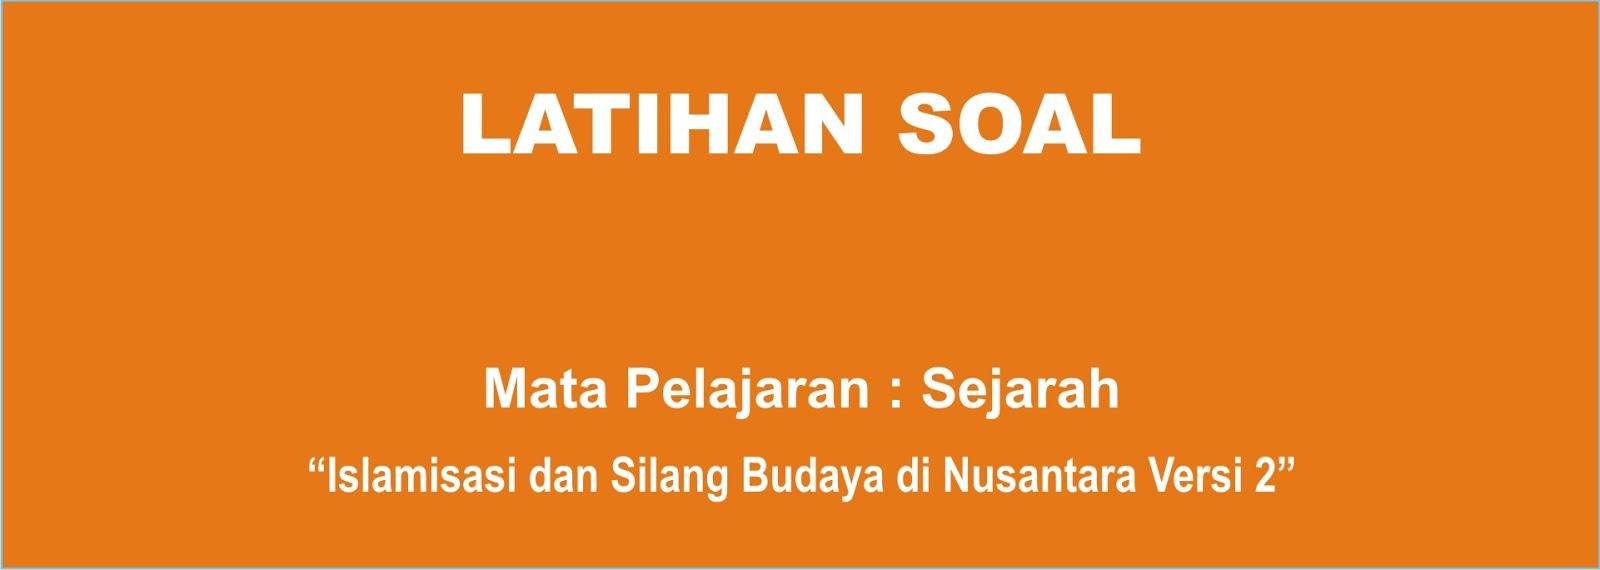 Soal Sejarah Islamisasi Dan Silang Budaya Di Nusantara Lengkap 2 Portal Guru Indonesia